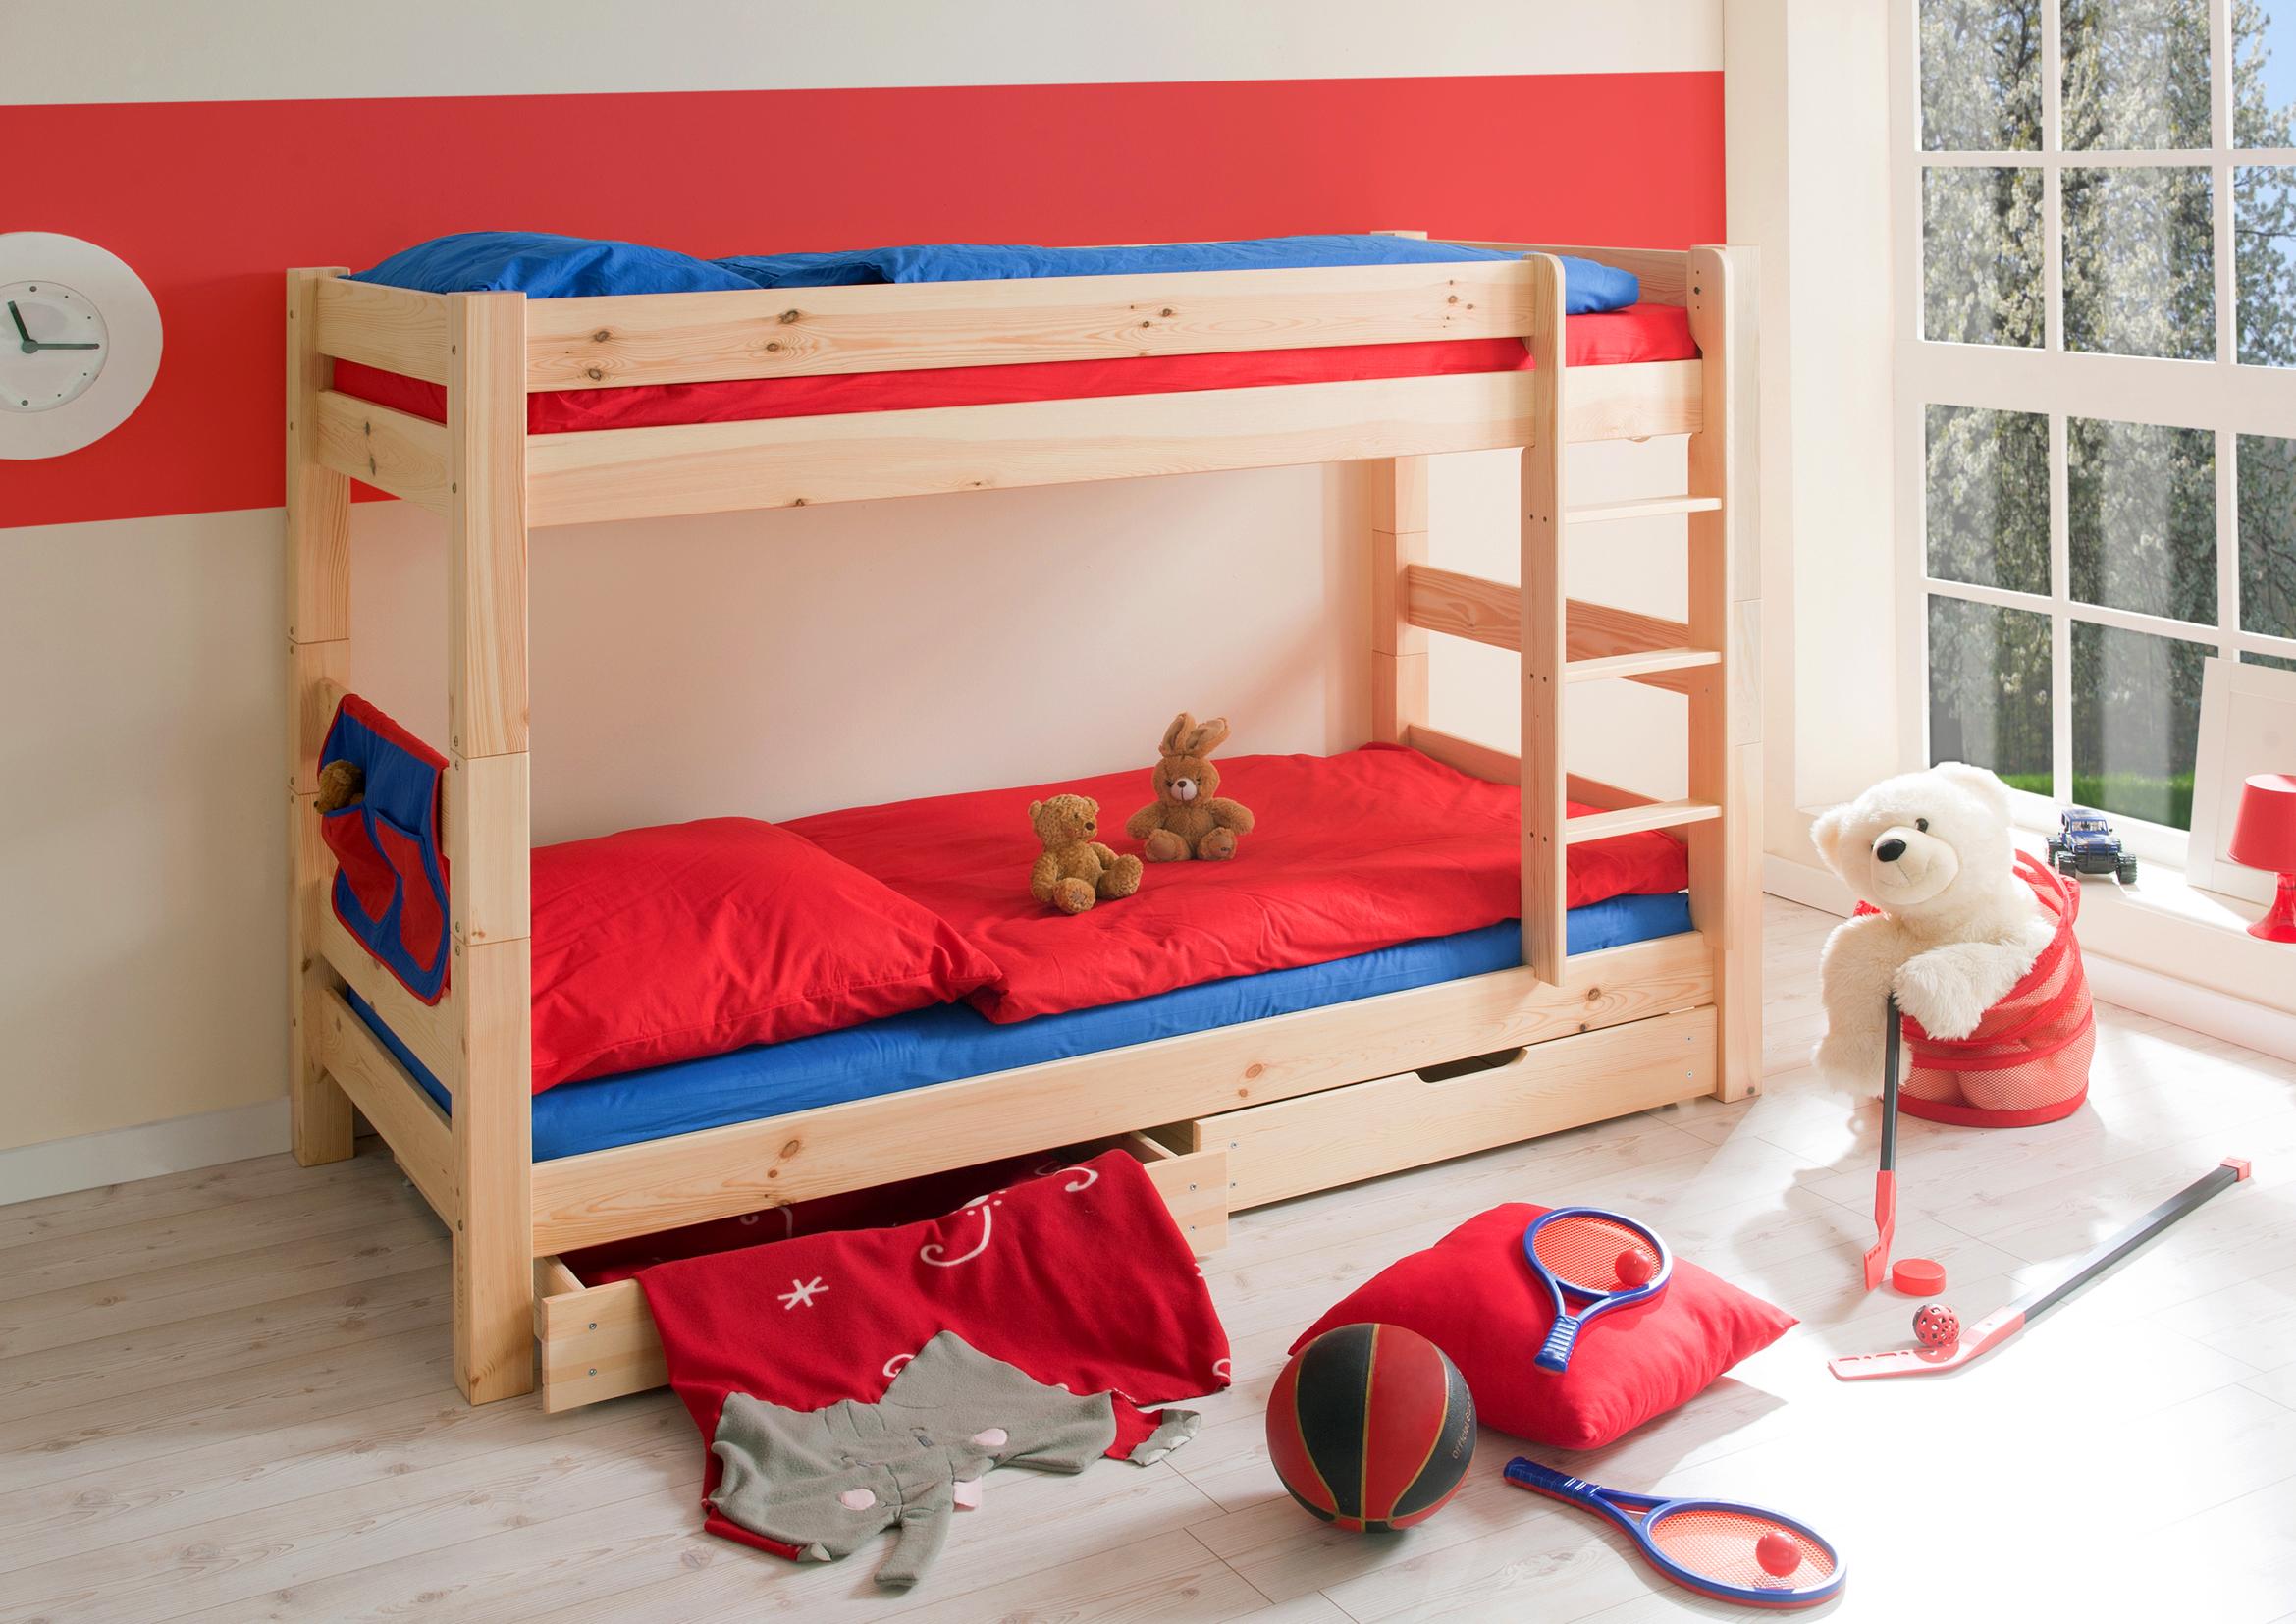 Etagenbett Kind Und Baby : Etagenbett doppelbett stockbett jan kiefer massiv natur teilbar kind